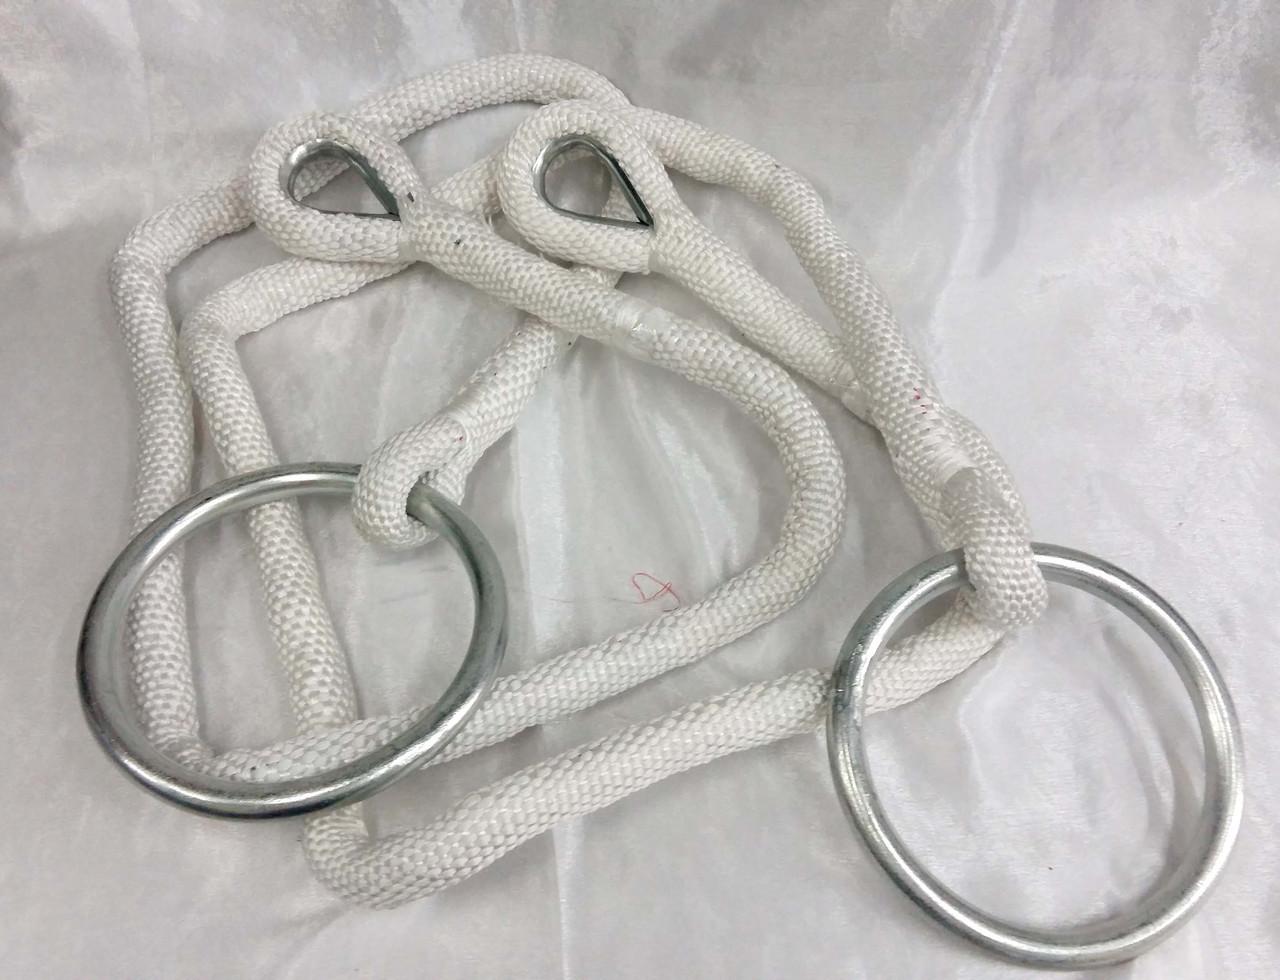 Кольца гимнастические подвесные (канат-нейлон, кольца металл)